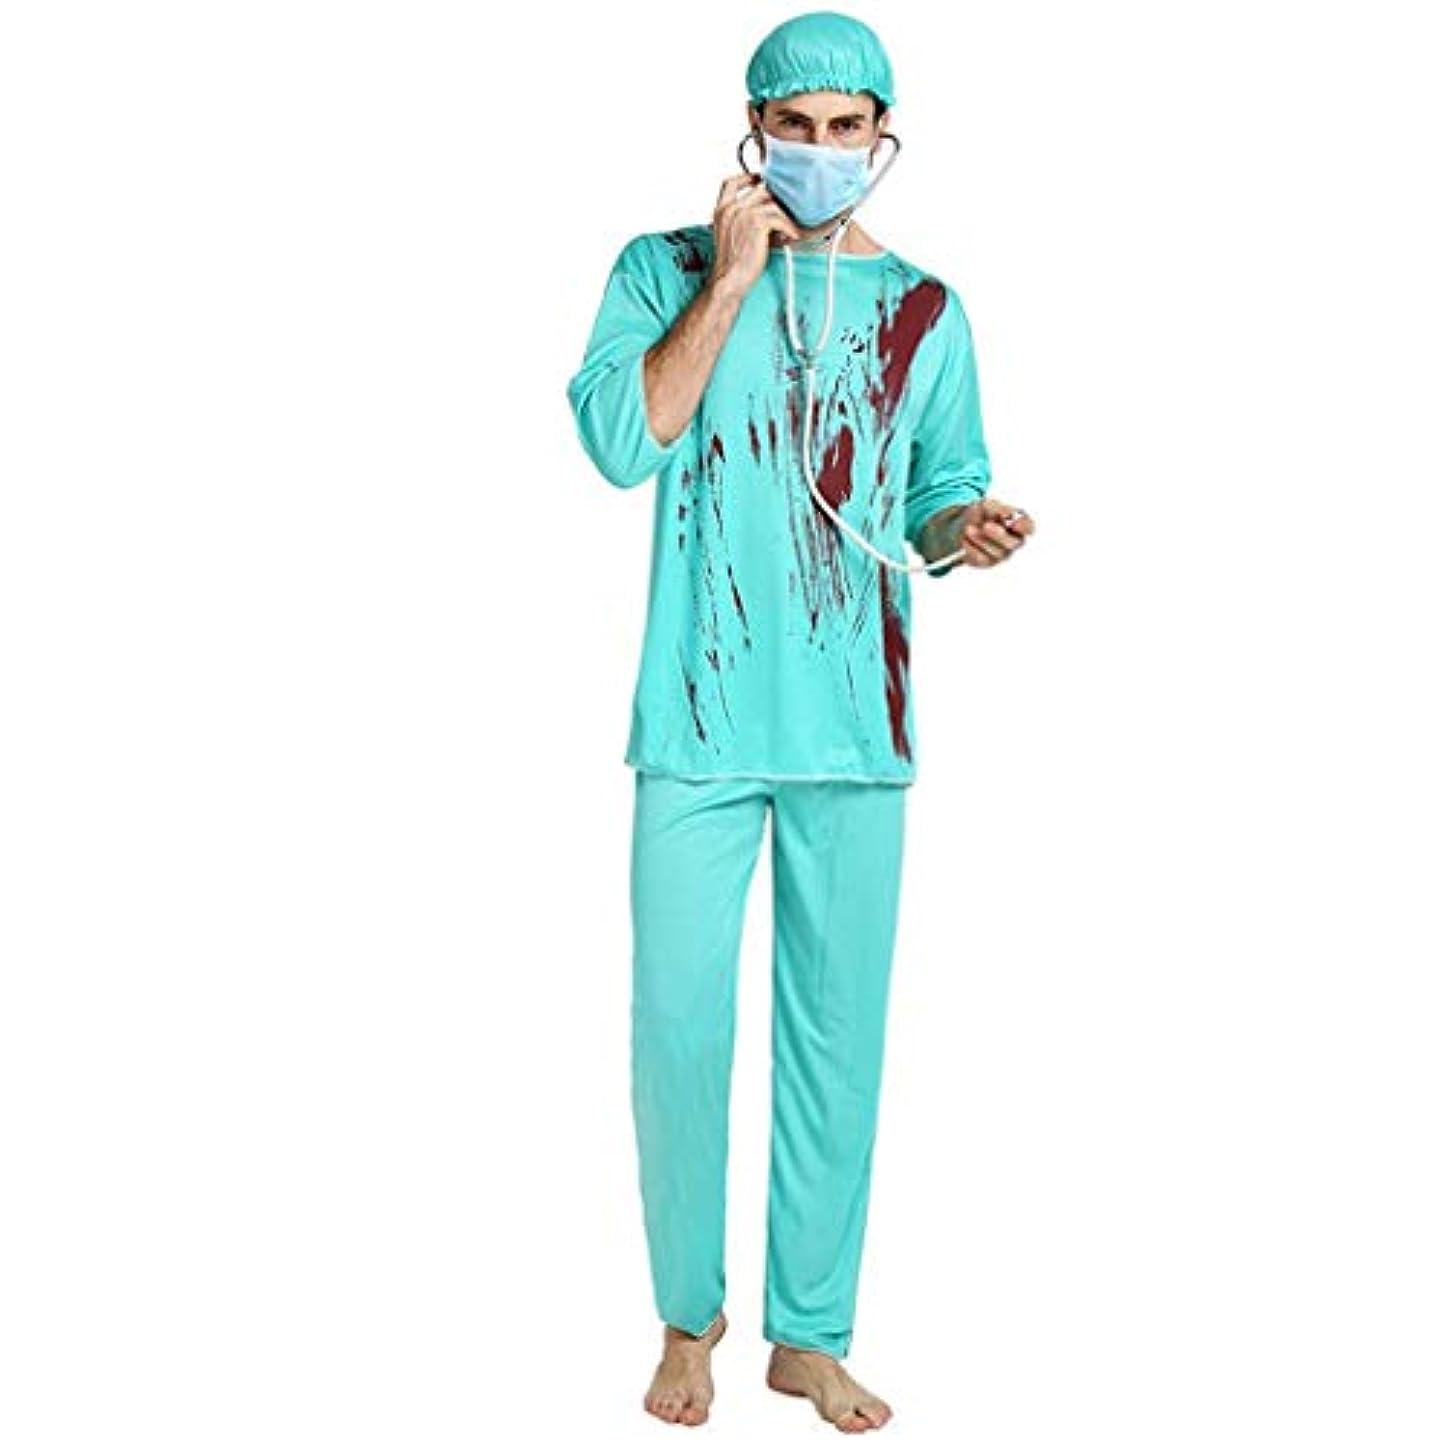 より多いナサニエル区トラクターAFQHJ ホラーブラッド服医師男性用ロールプレイング、男性用ロールカーニバルプレイコスチューム、ハロウィーンコスチュームパーティー、トップス、パンツ、マスク、帽子(身長170cm-185cmに適しています)